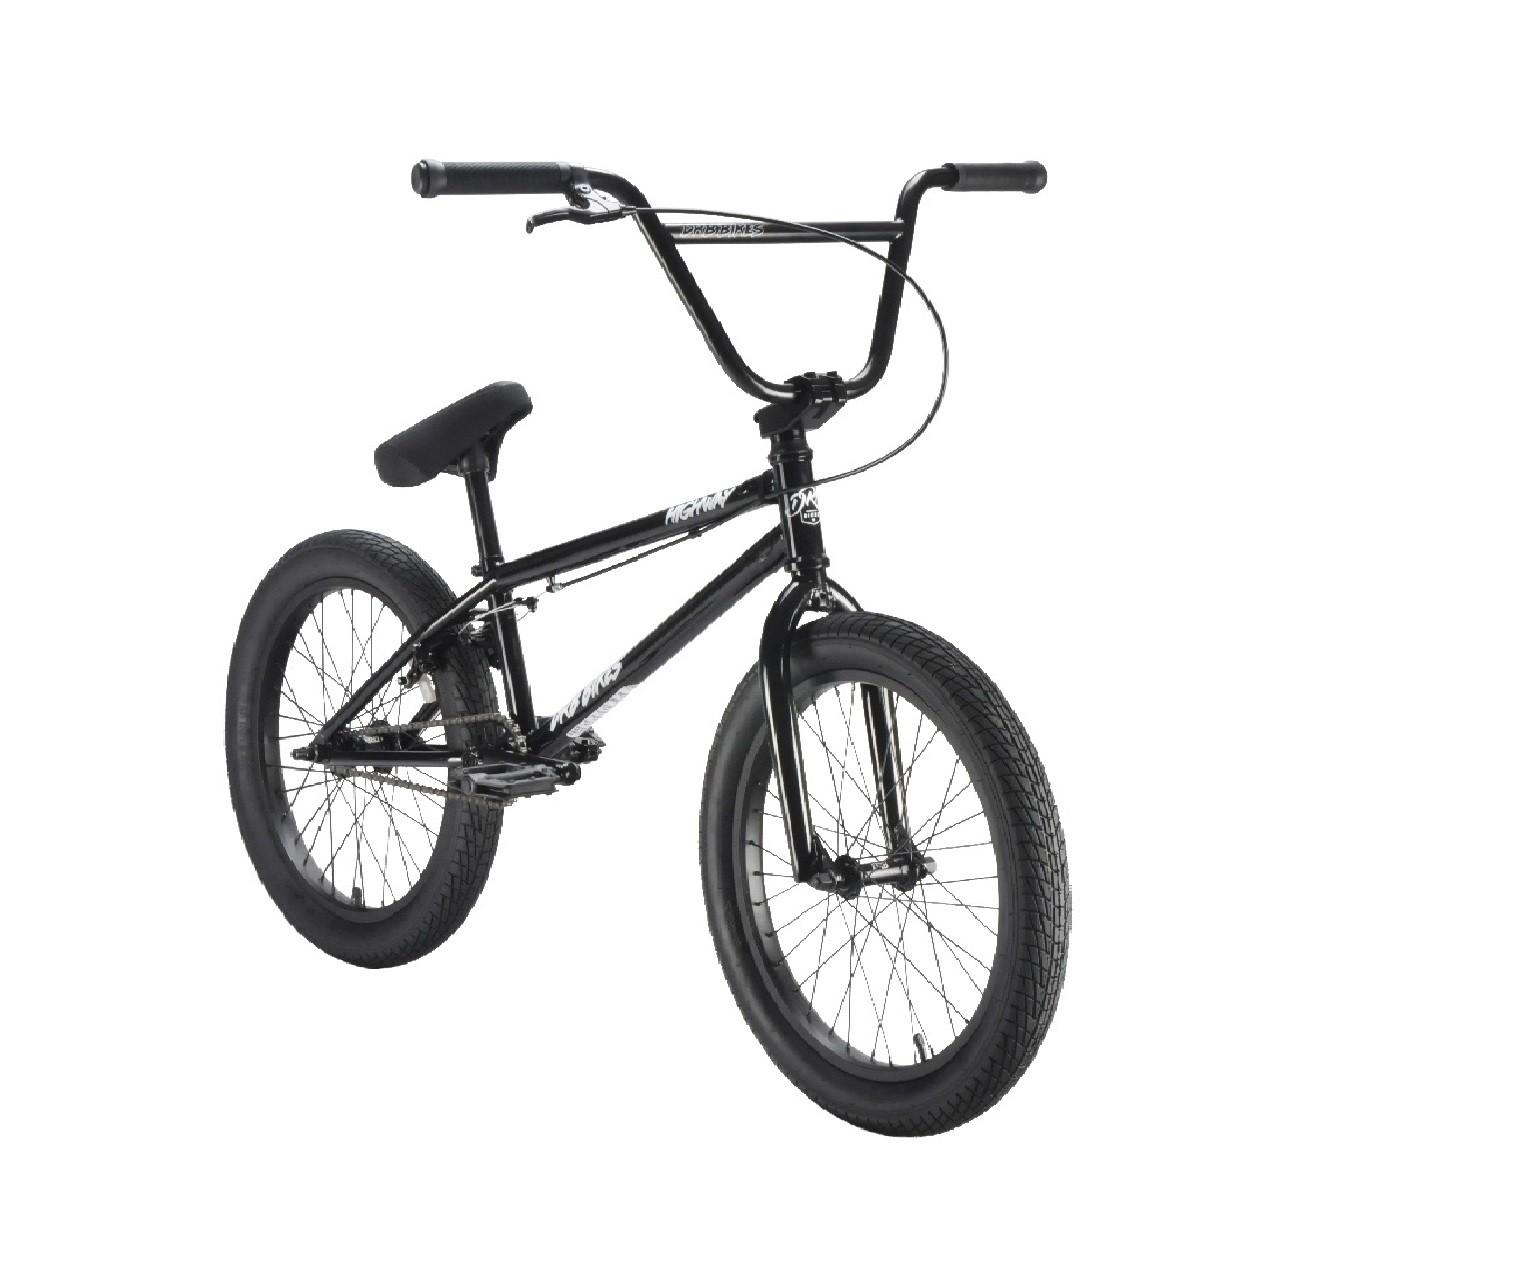 BICICLETA 20 DRB HIGHWAY BMX PRETO BRILHANTE